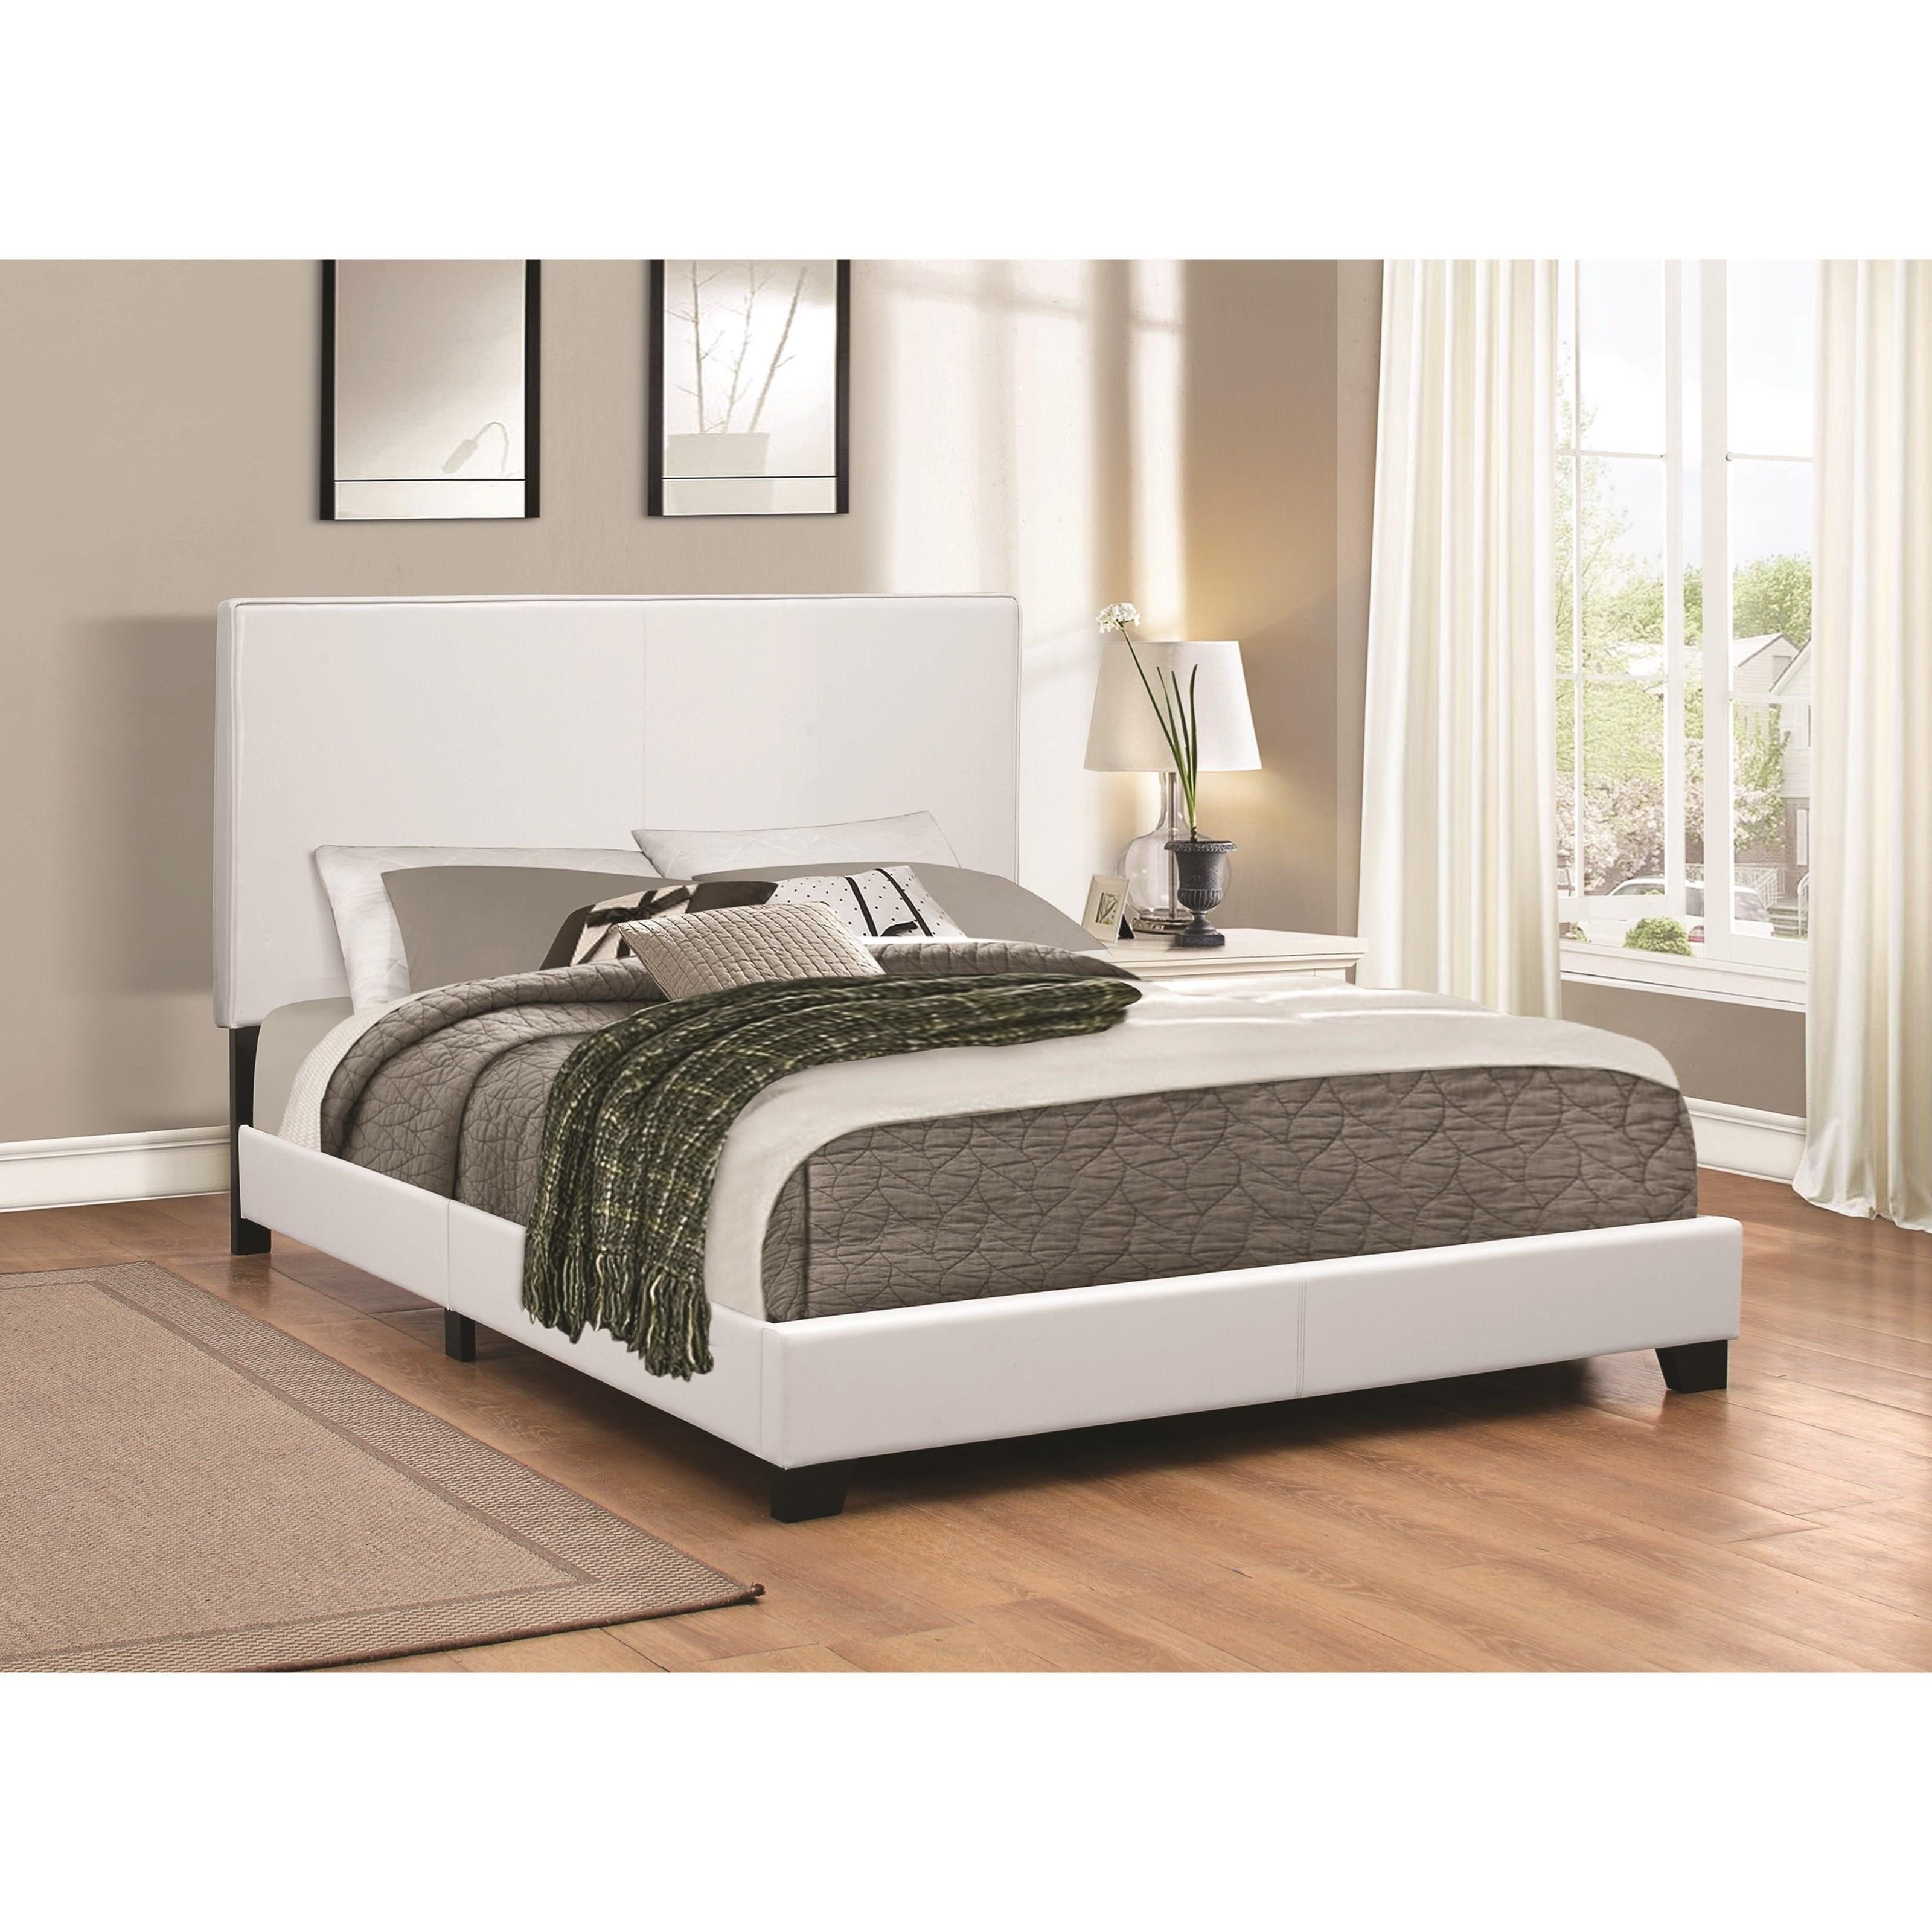 coaster upholstered beds 300559q upholstered low profile. Black Bedroom Furniture Sets. Home Design Ideas